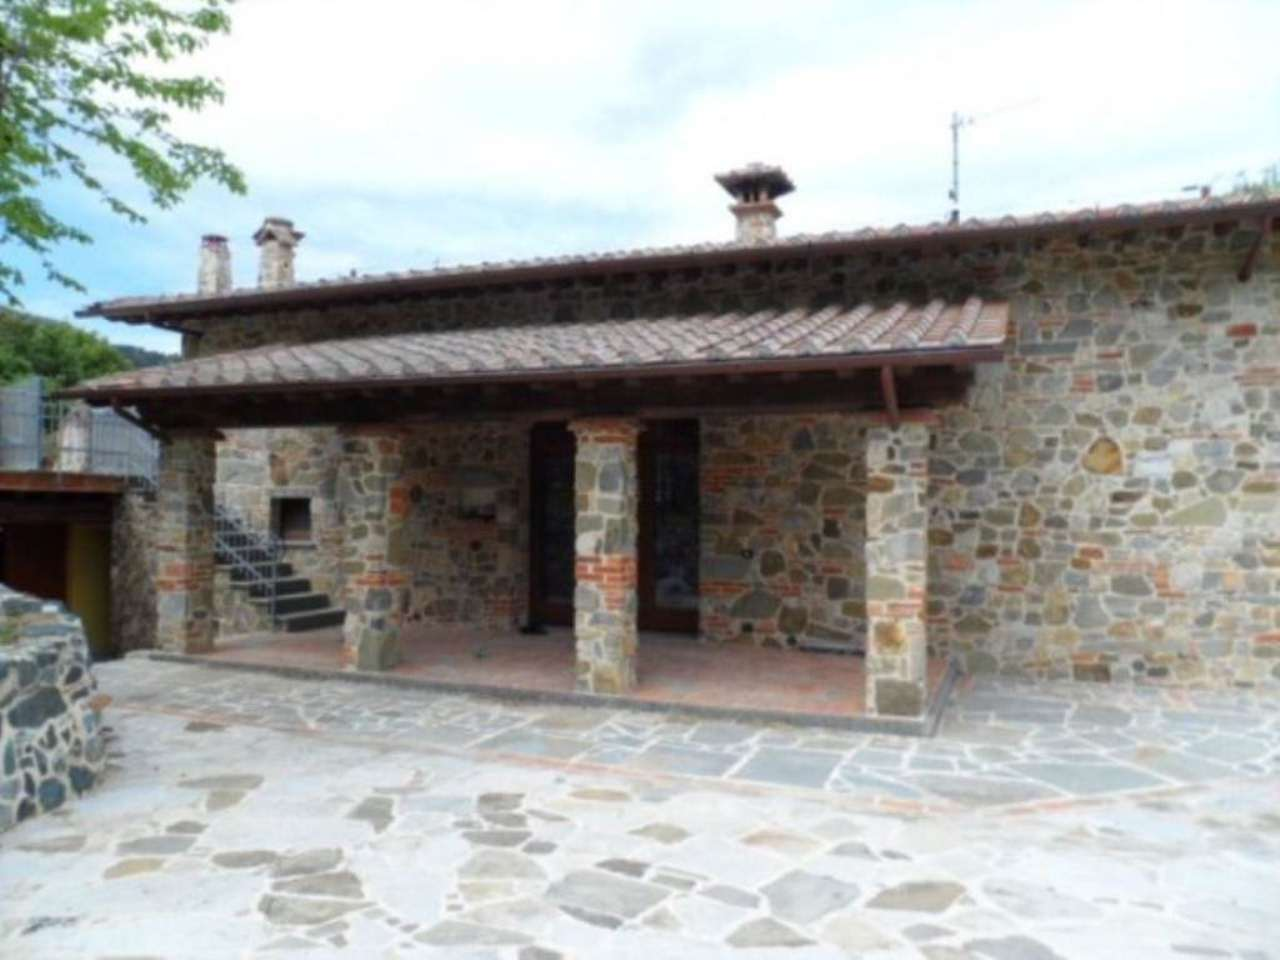 Rustico / Casale in affitto a Vaiano, 4 locali, prezzo € 1.200 | Cambio Casa.it